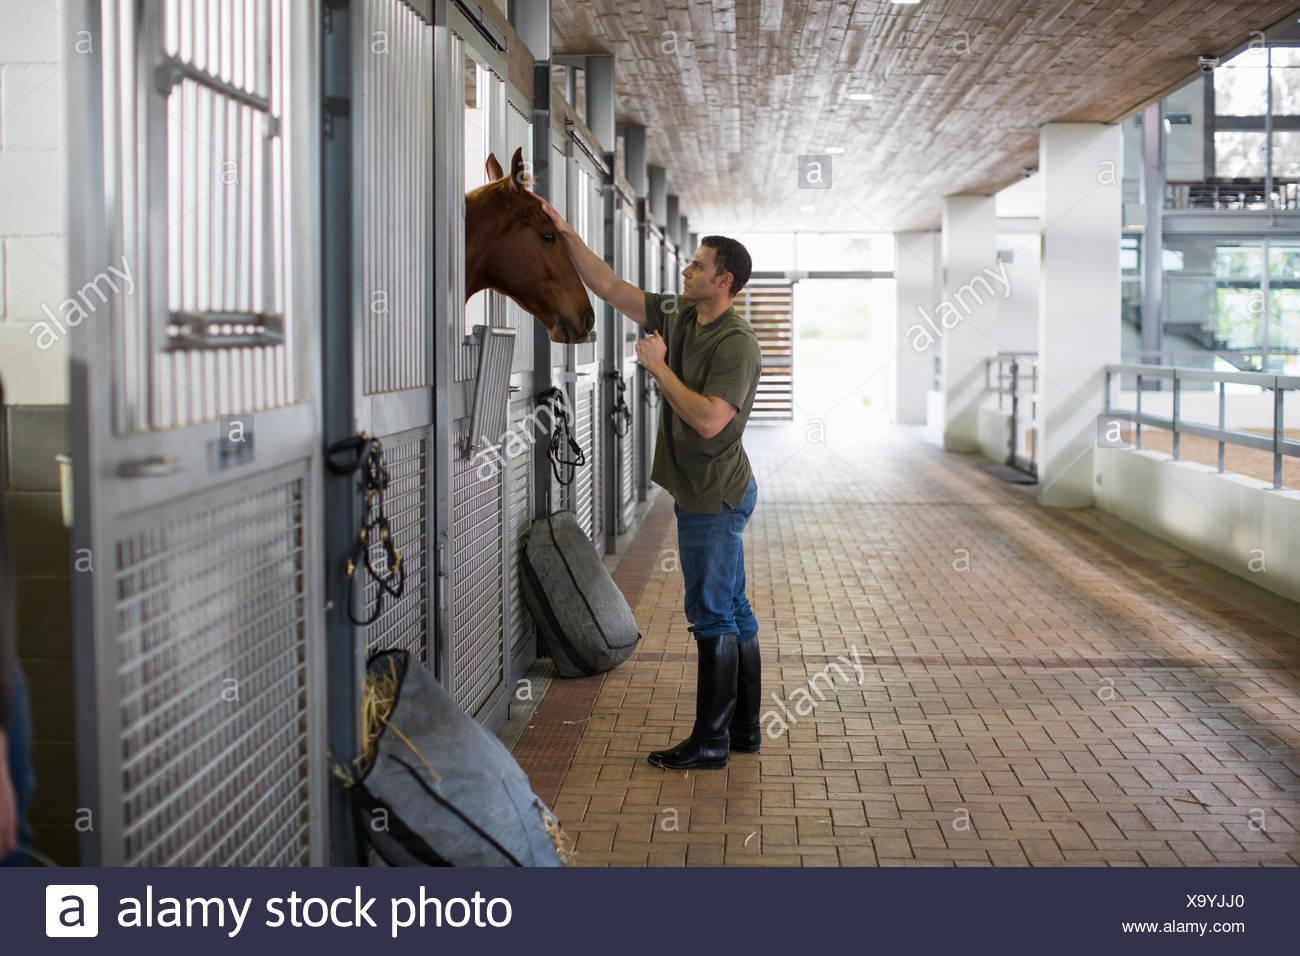 Stablehand masculina besándose en los establos de caballos Imagen De Stock